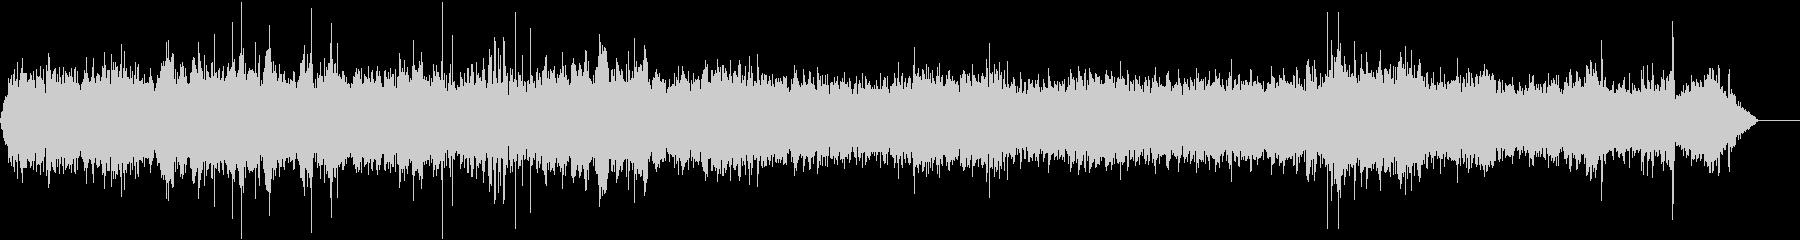 レイクパーク-池-水の声の未再生の波形